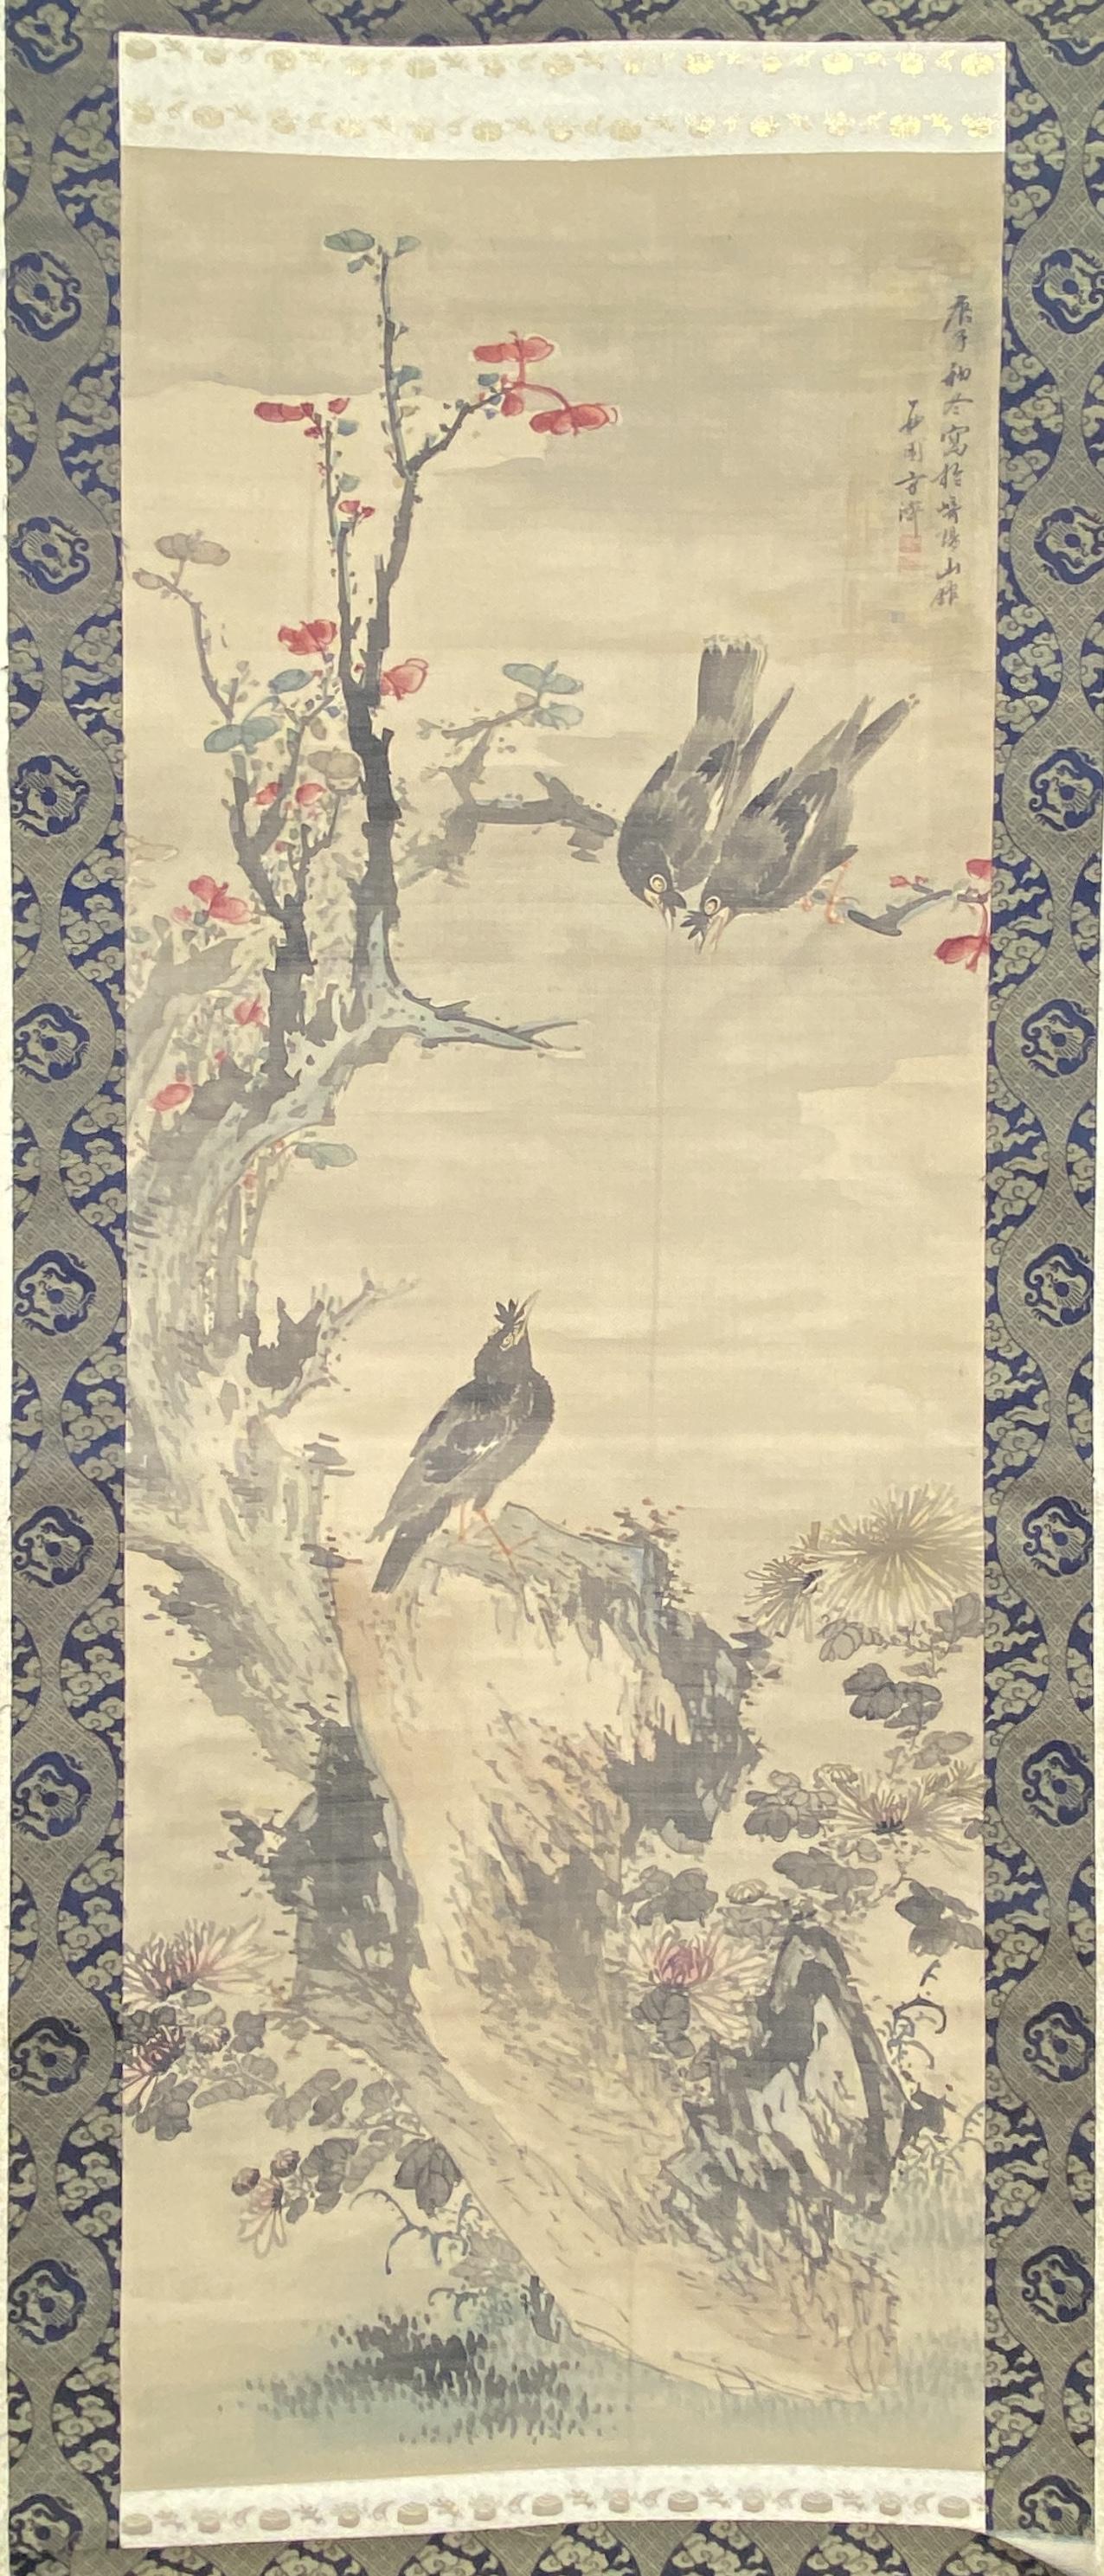 20556「西園方濟」画 花鳥図 軸115×43.2cm